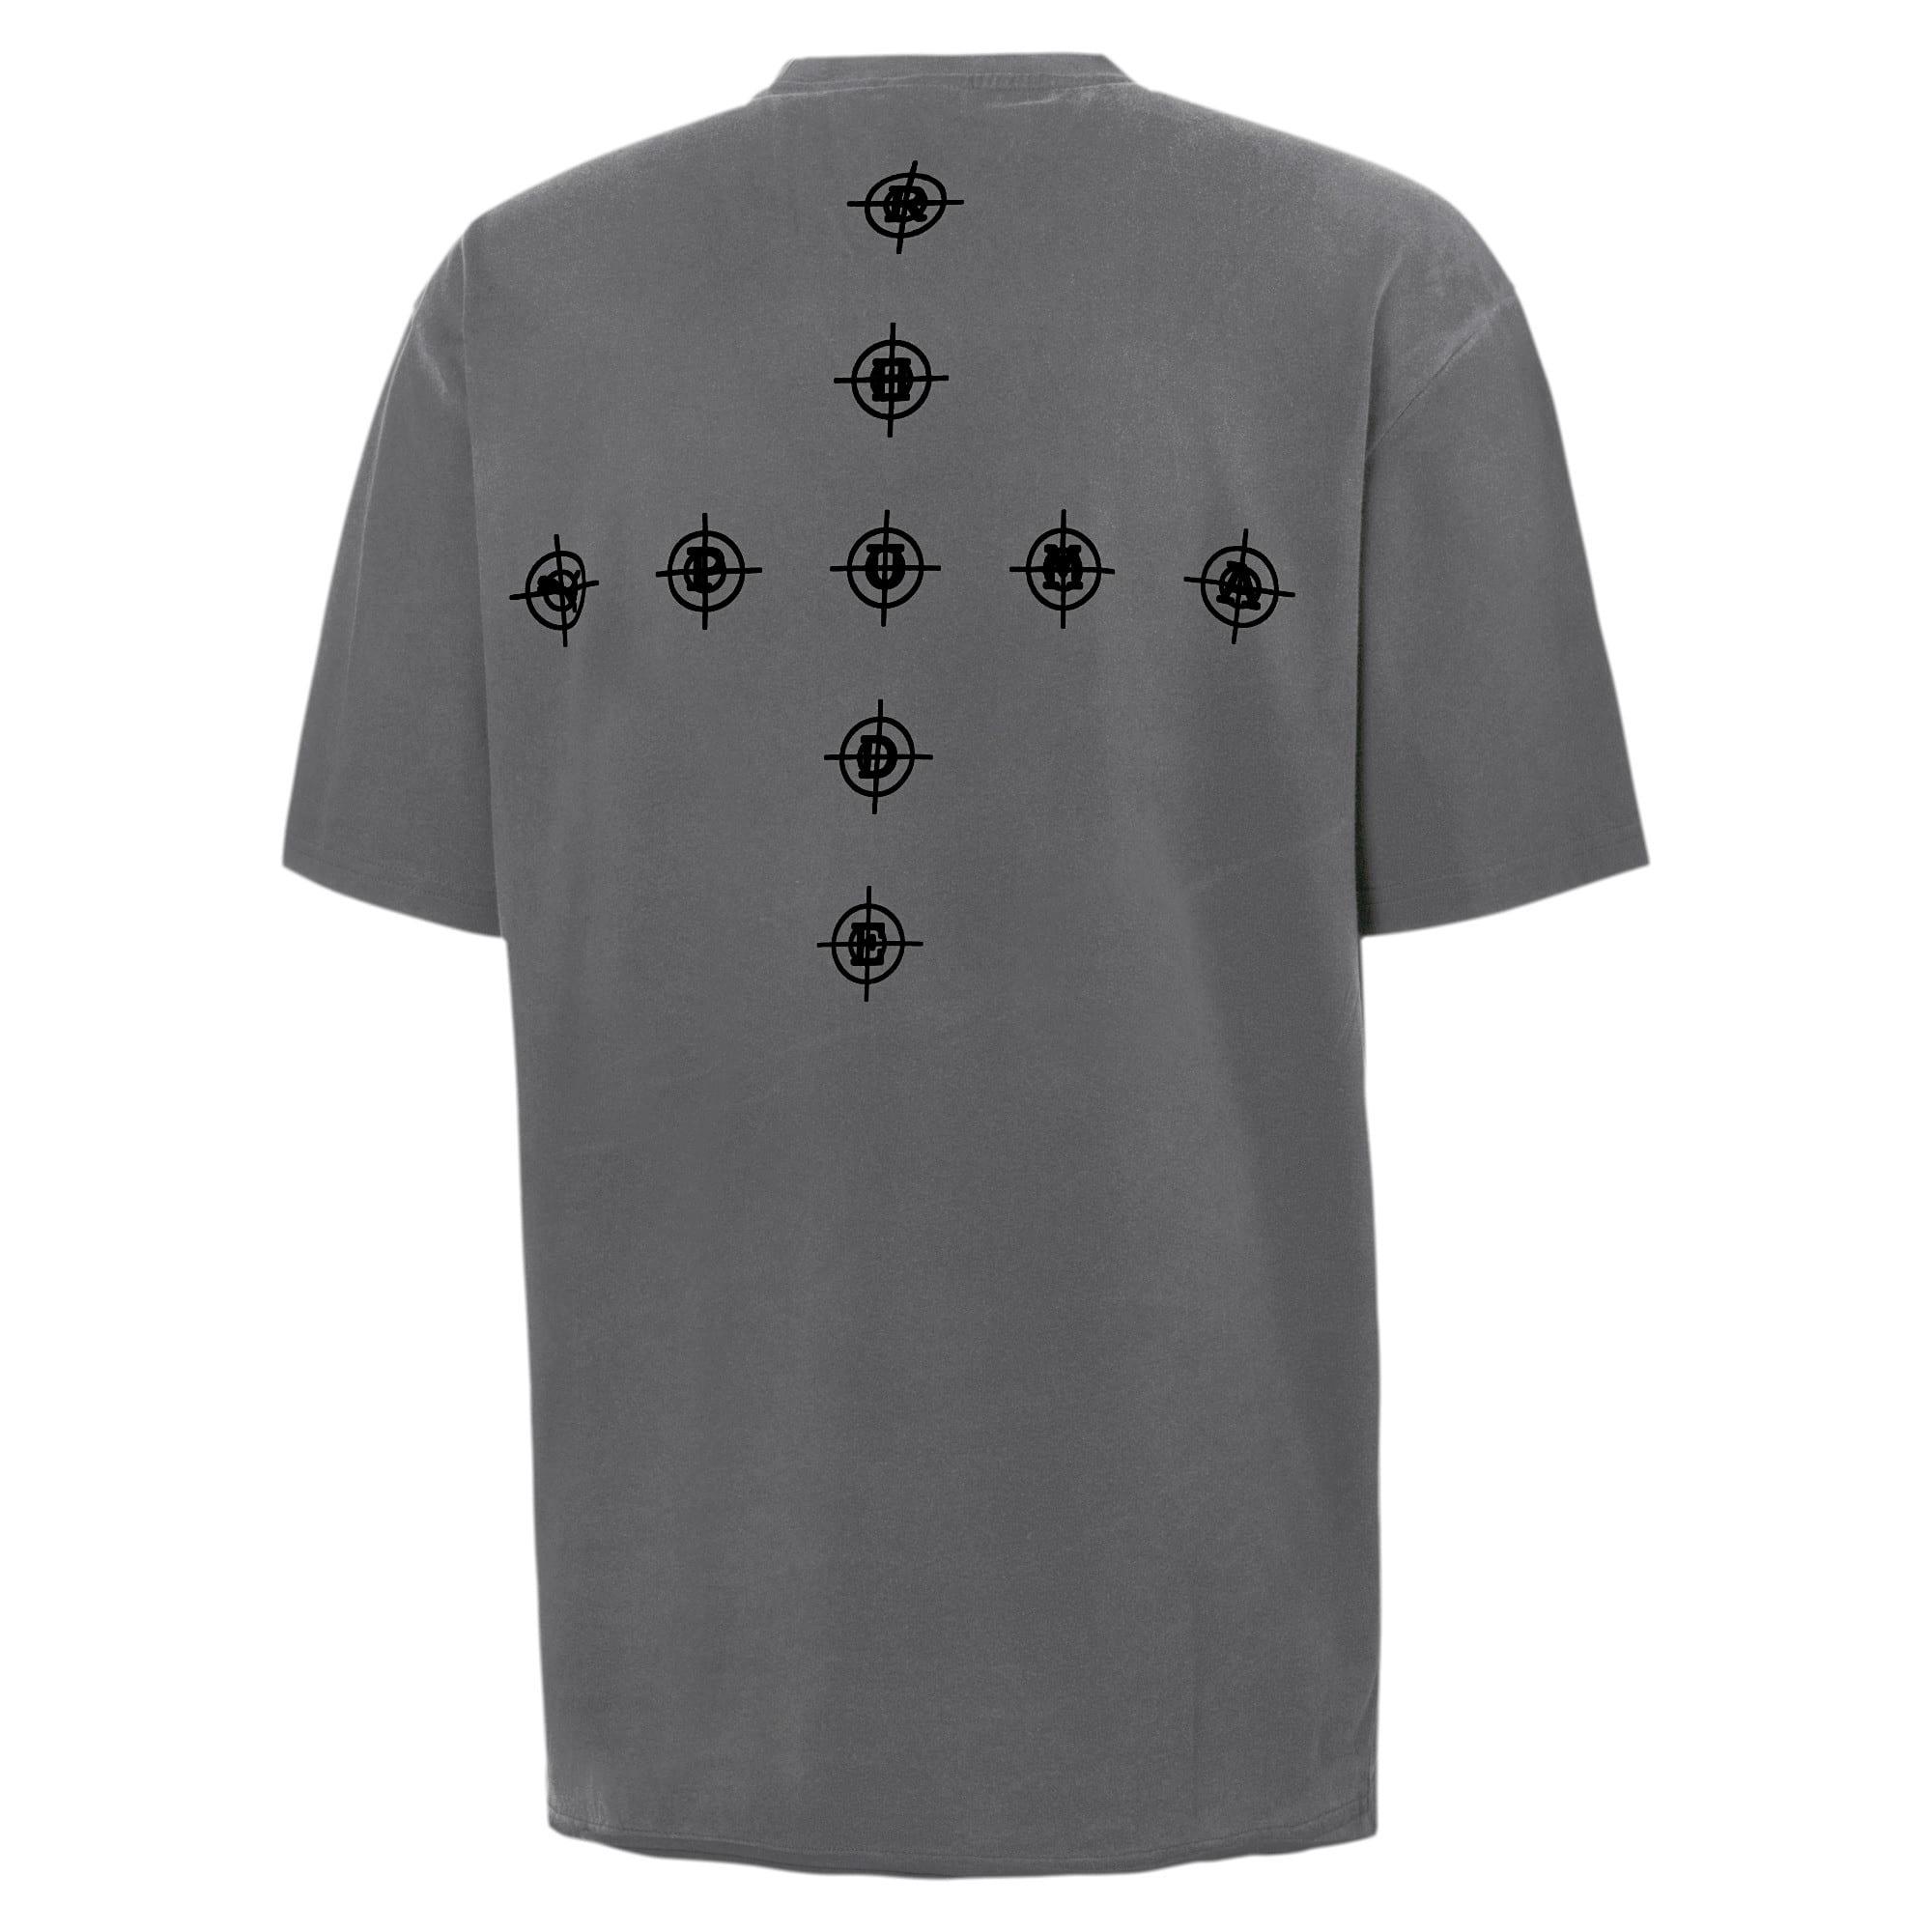 Thumbnail 3 of PUMA x RHUDE Tシャツ, Puma Black, medium-JPN